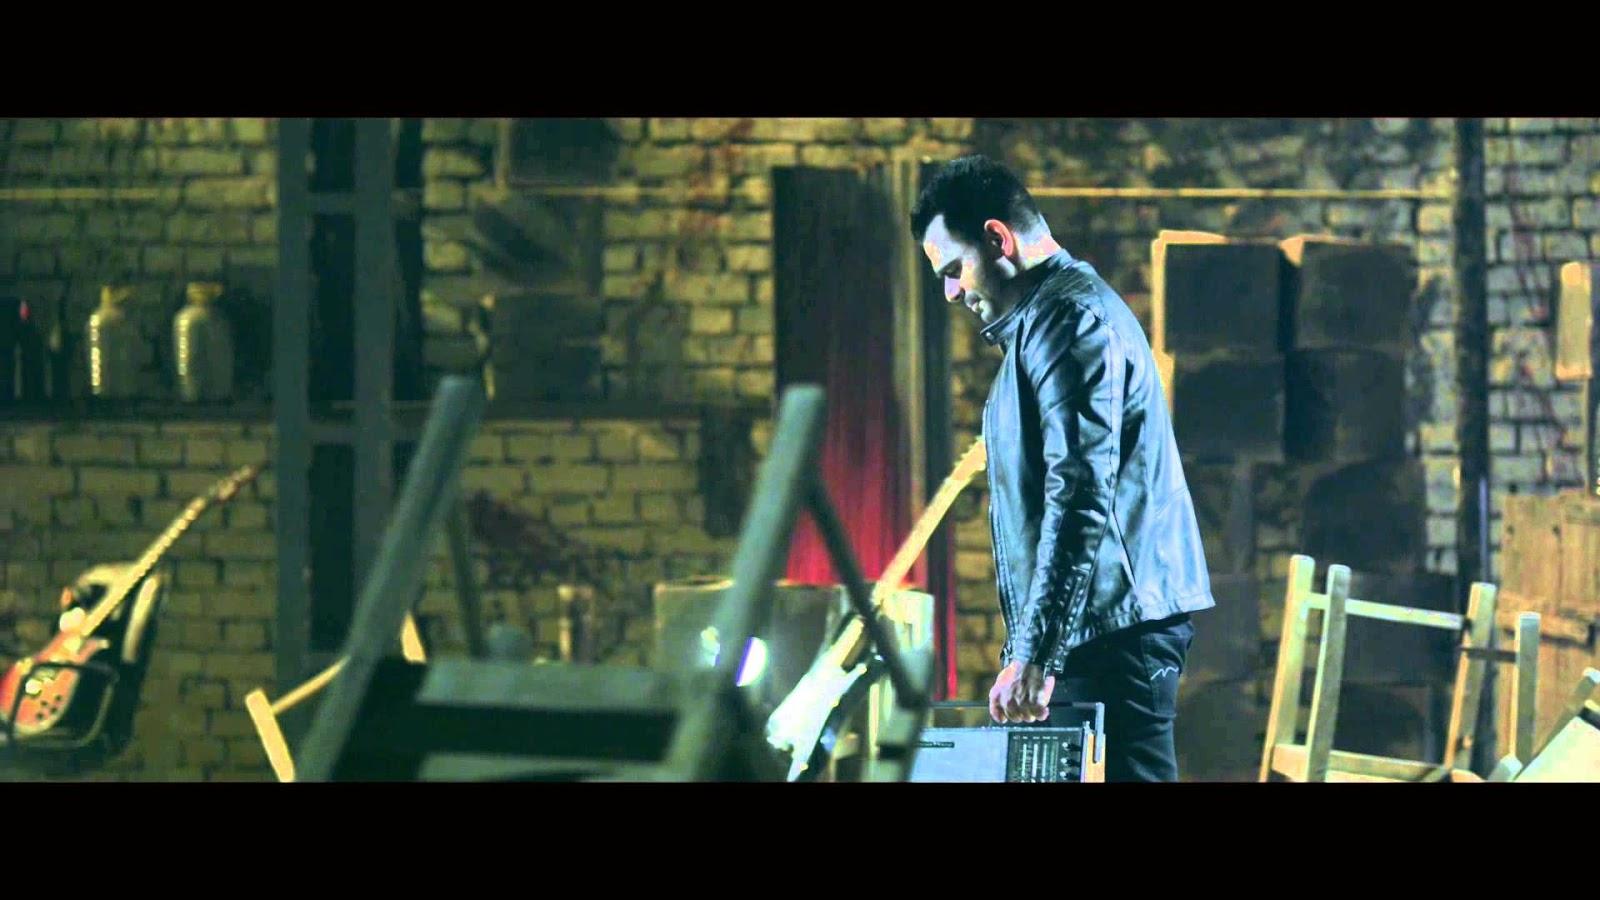 tera nasha video song download hd